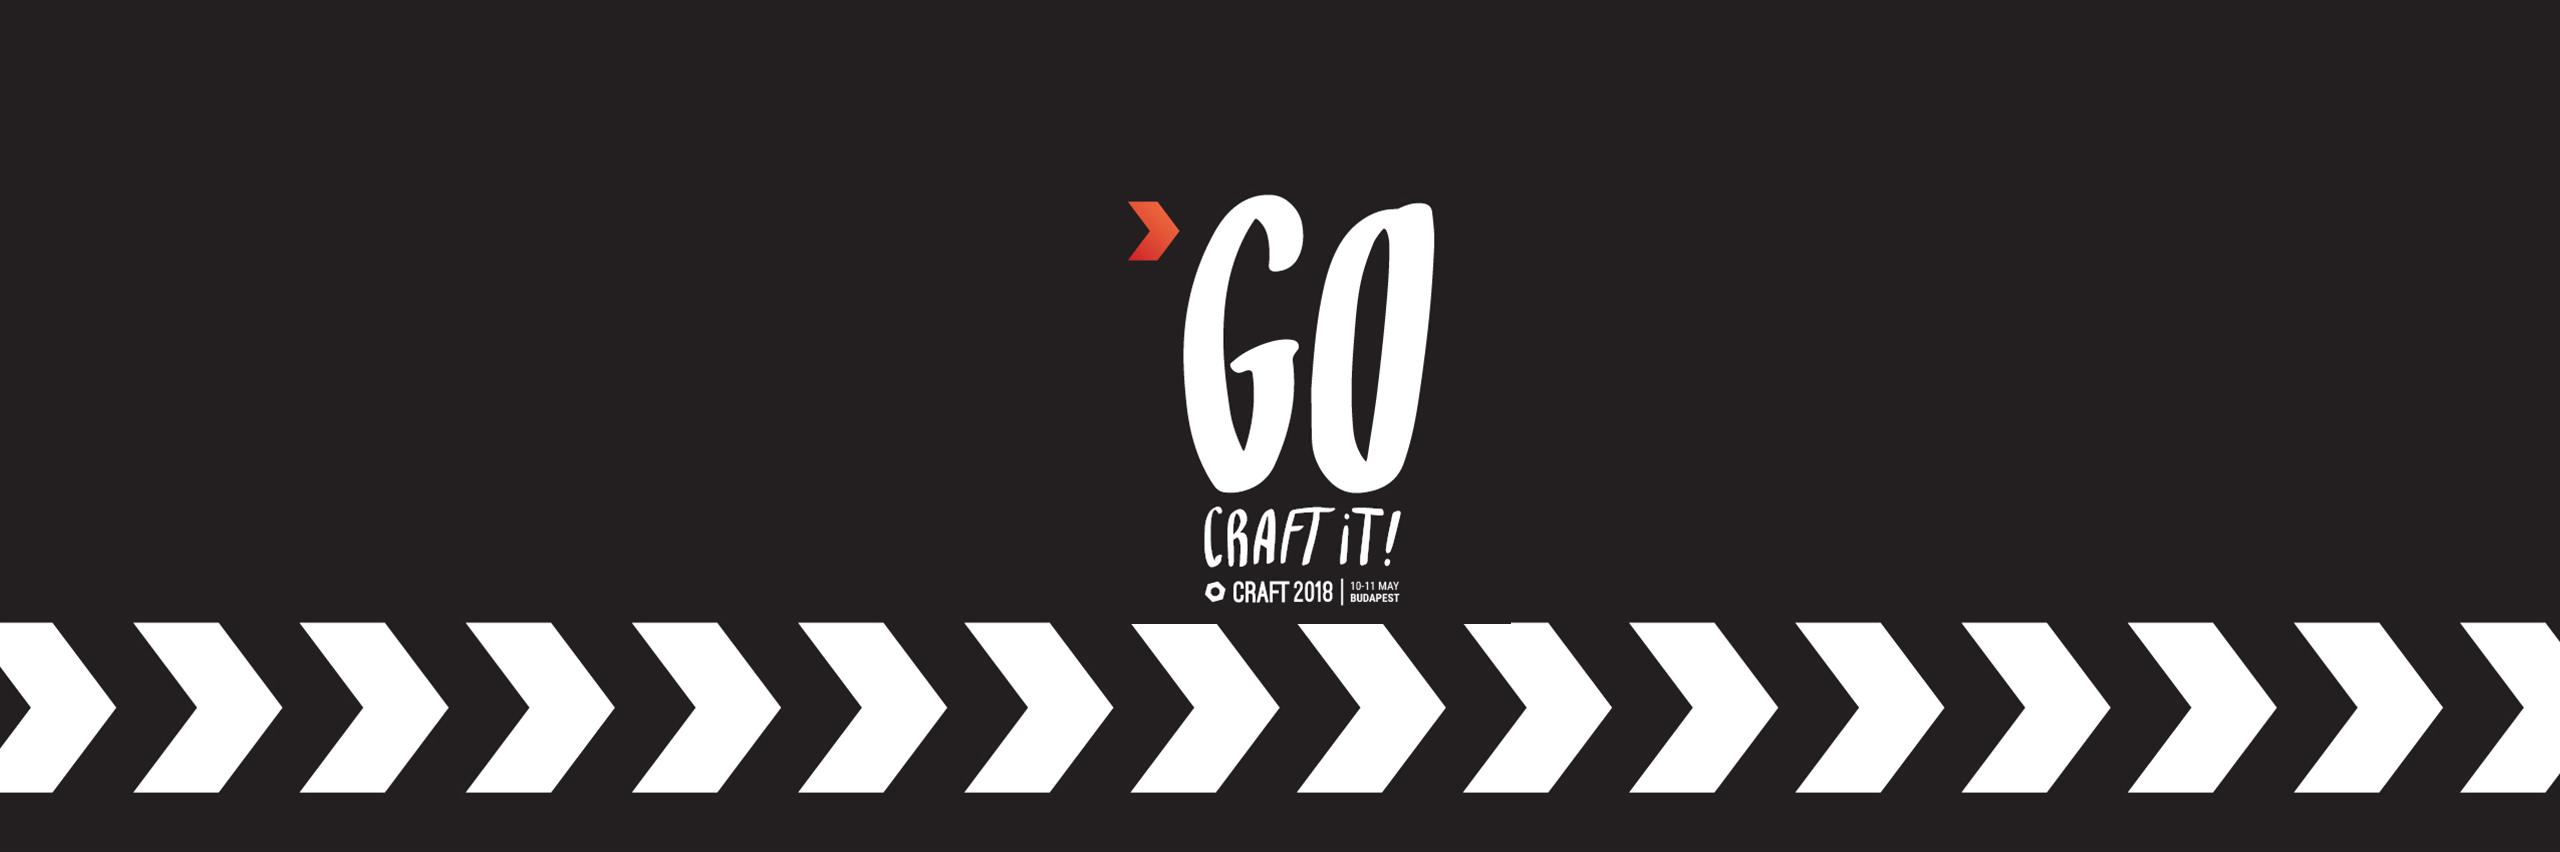 Craft Conference - Platform 1